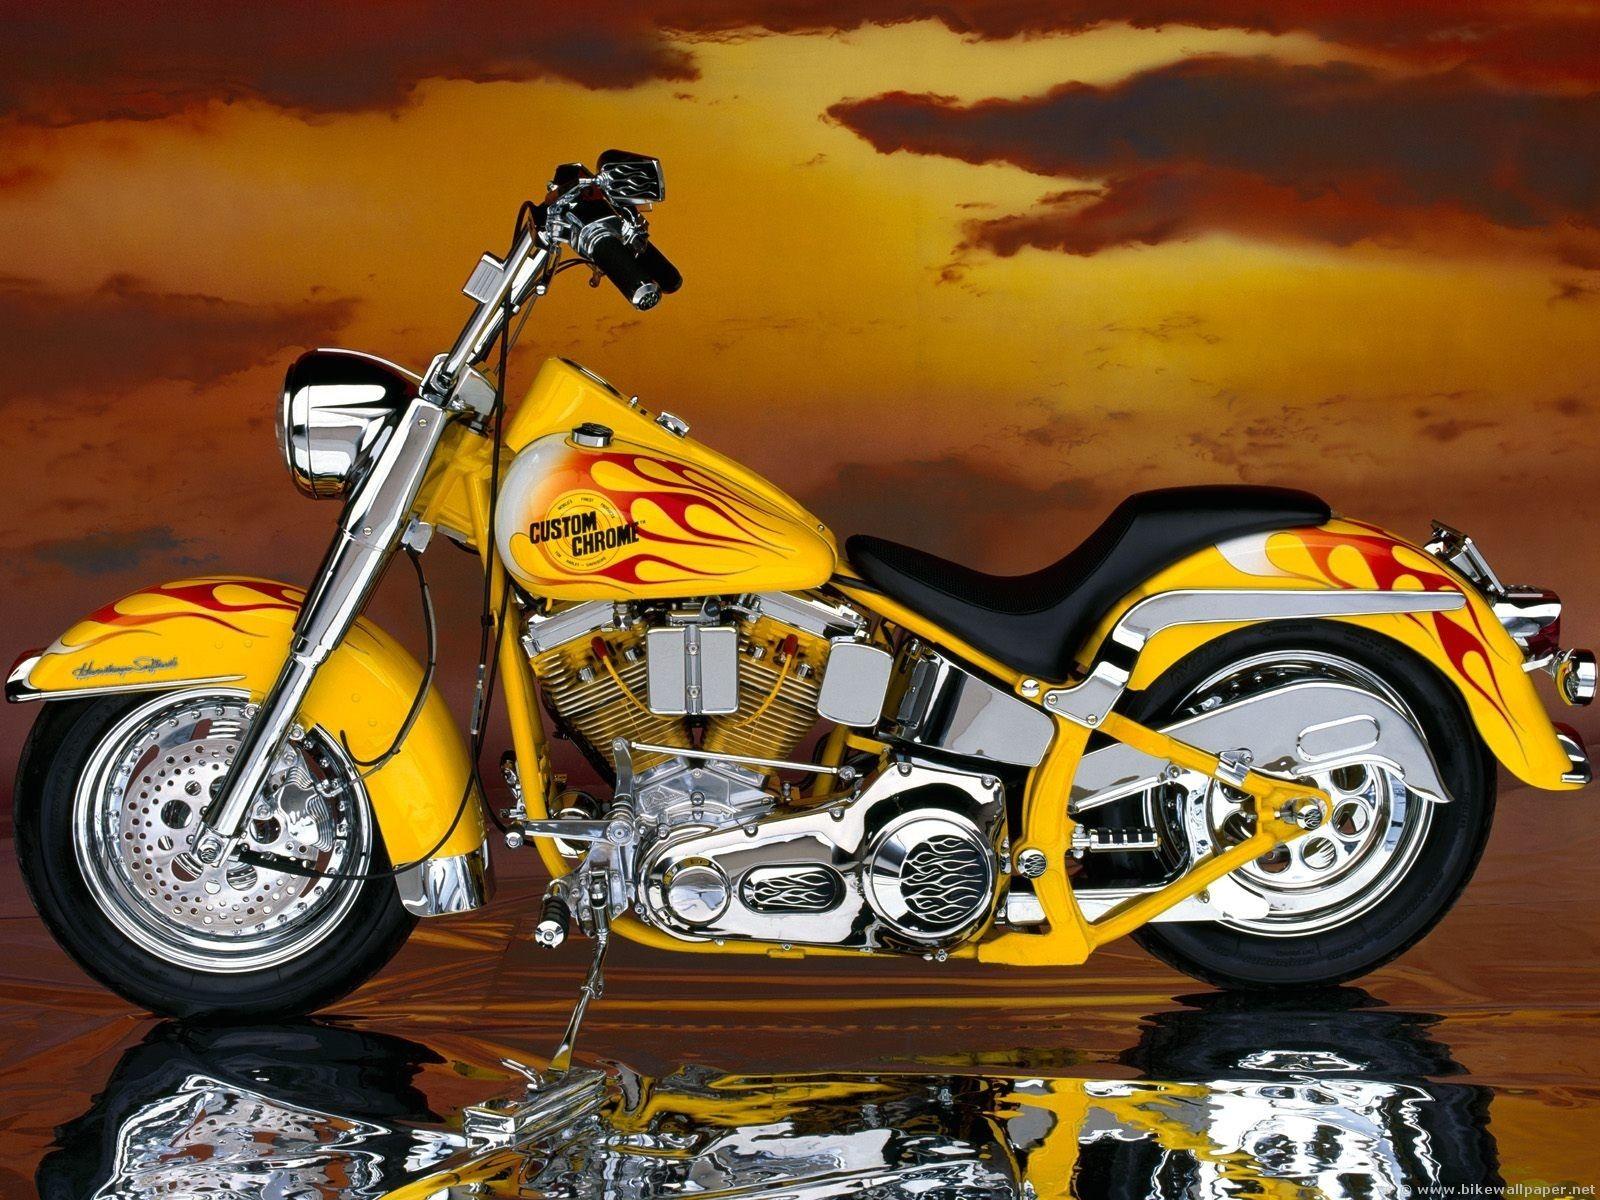 Harley Davidson Custom Chrome Harley Davidson